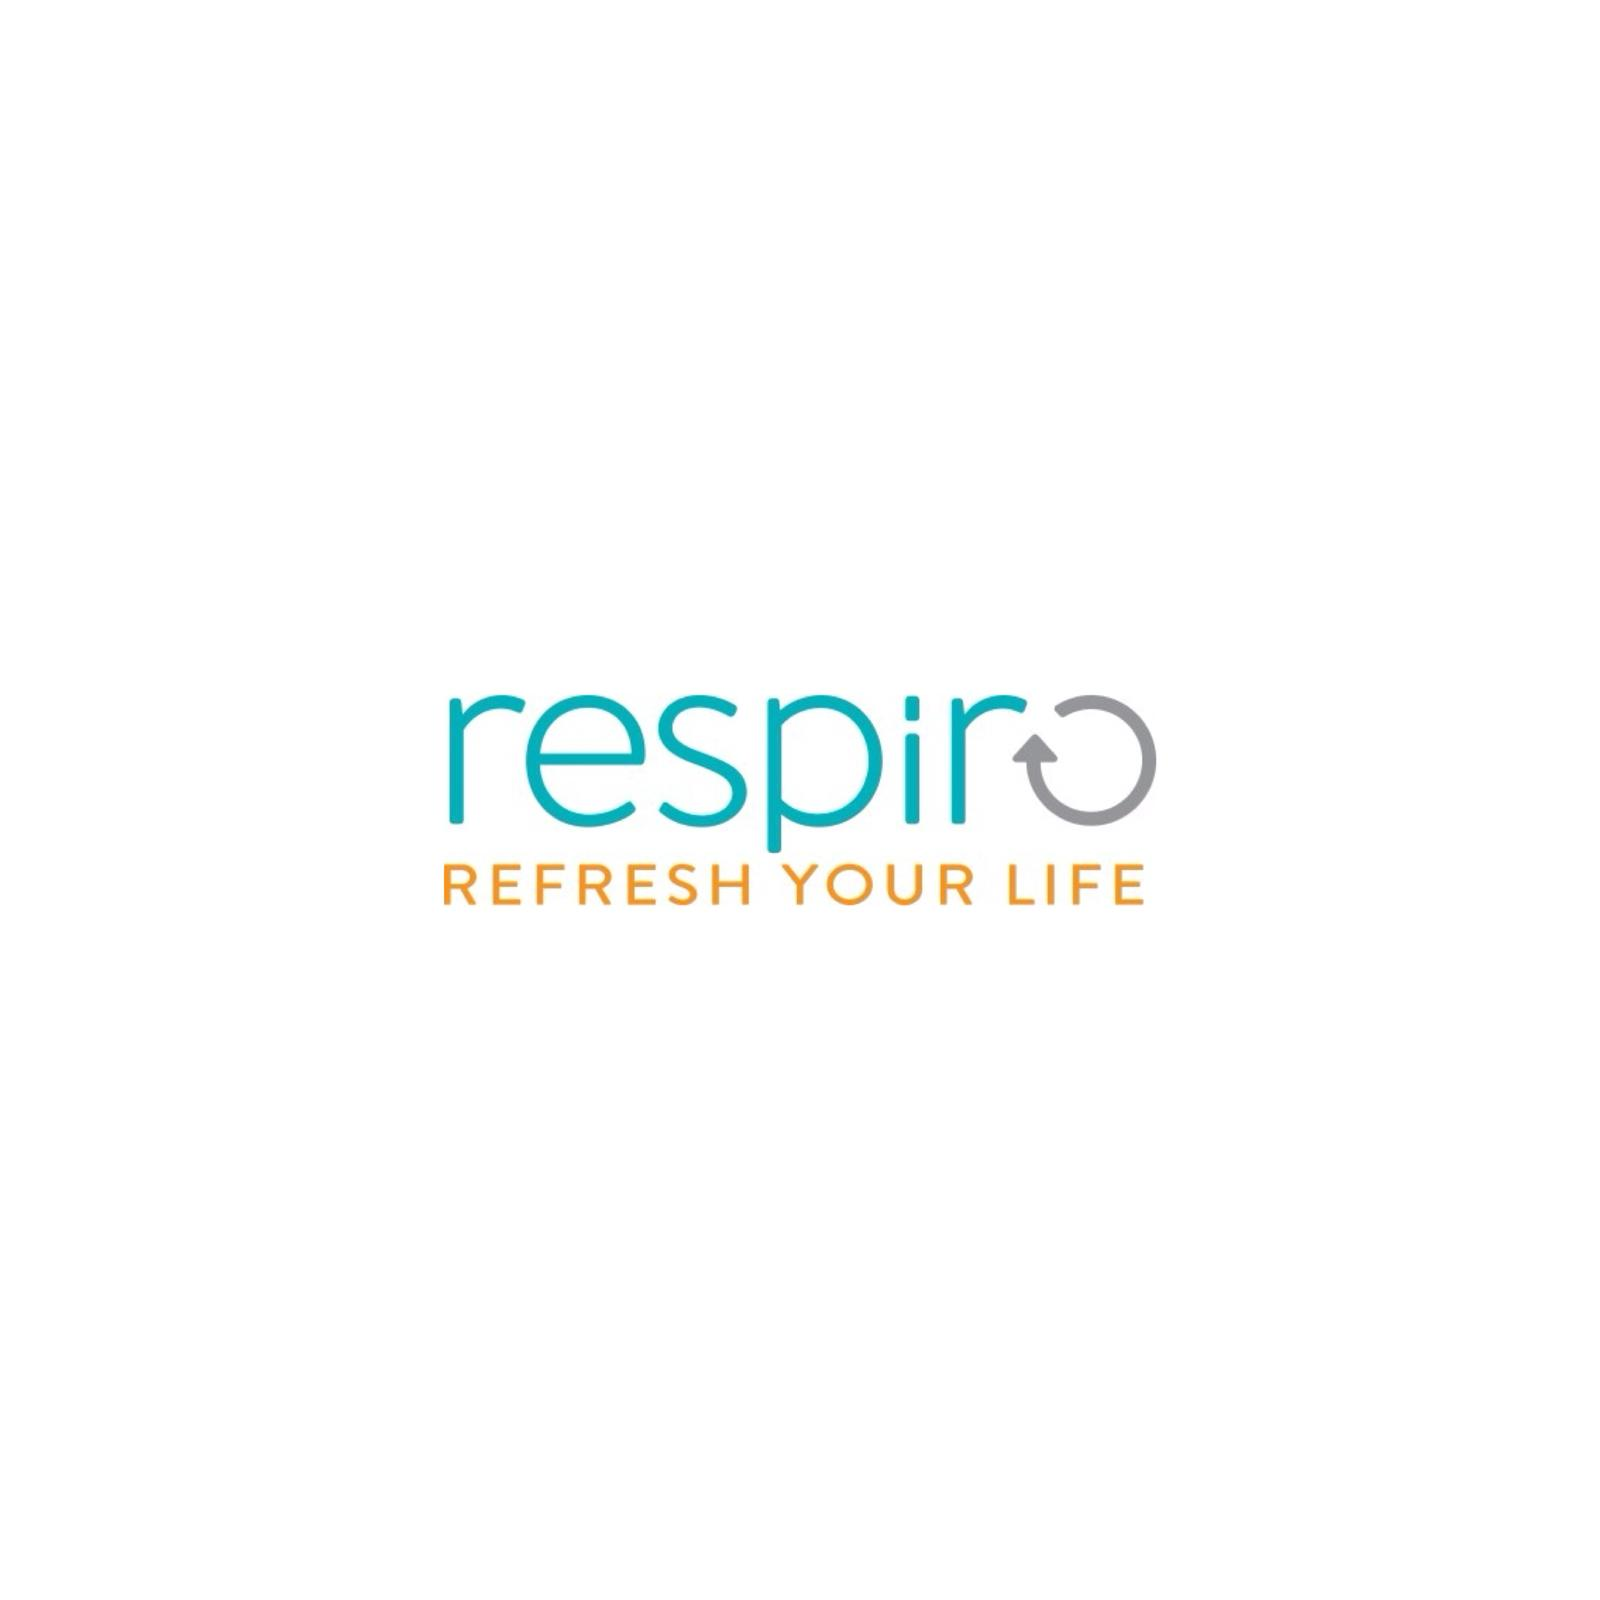 Asociația Respiro logo